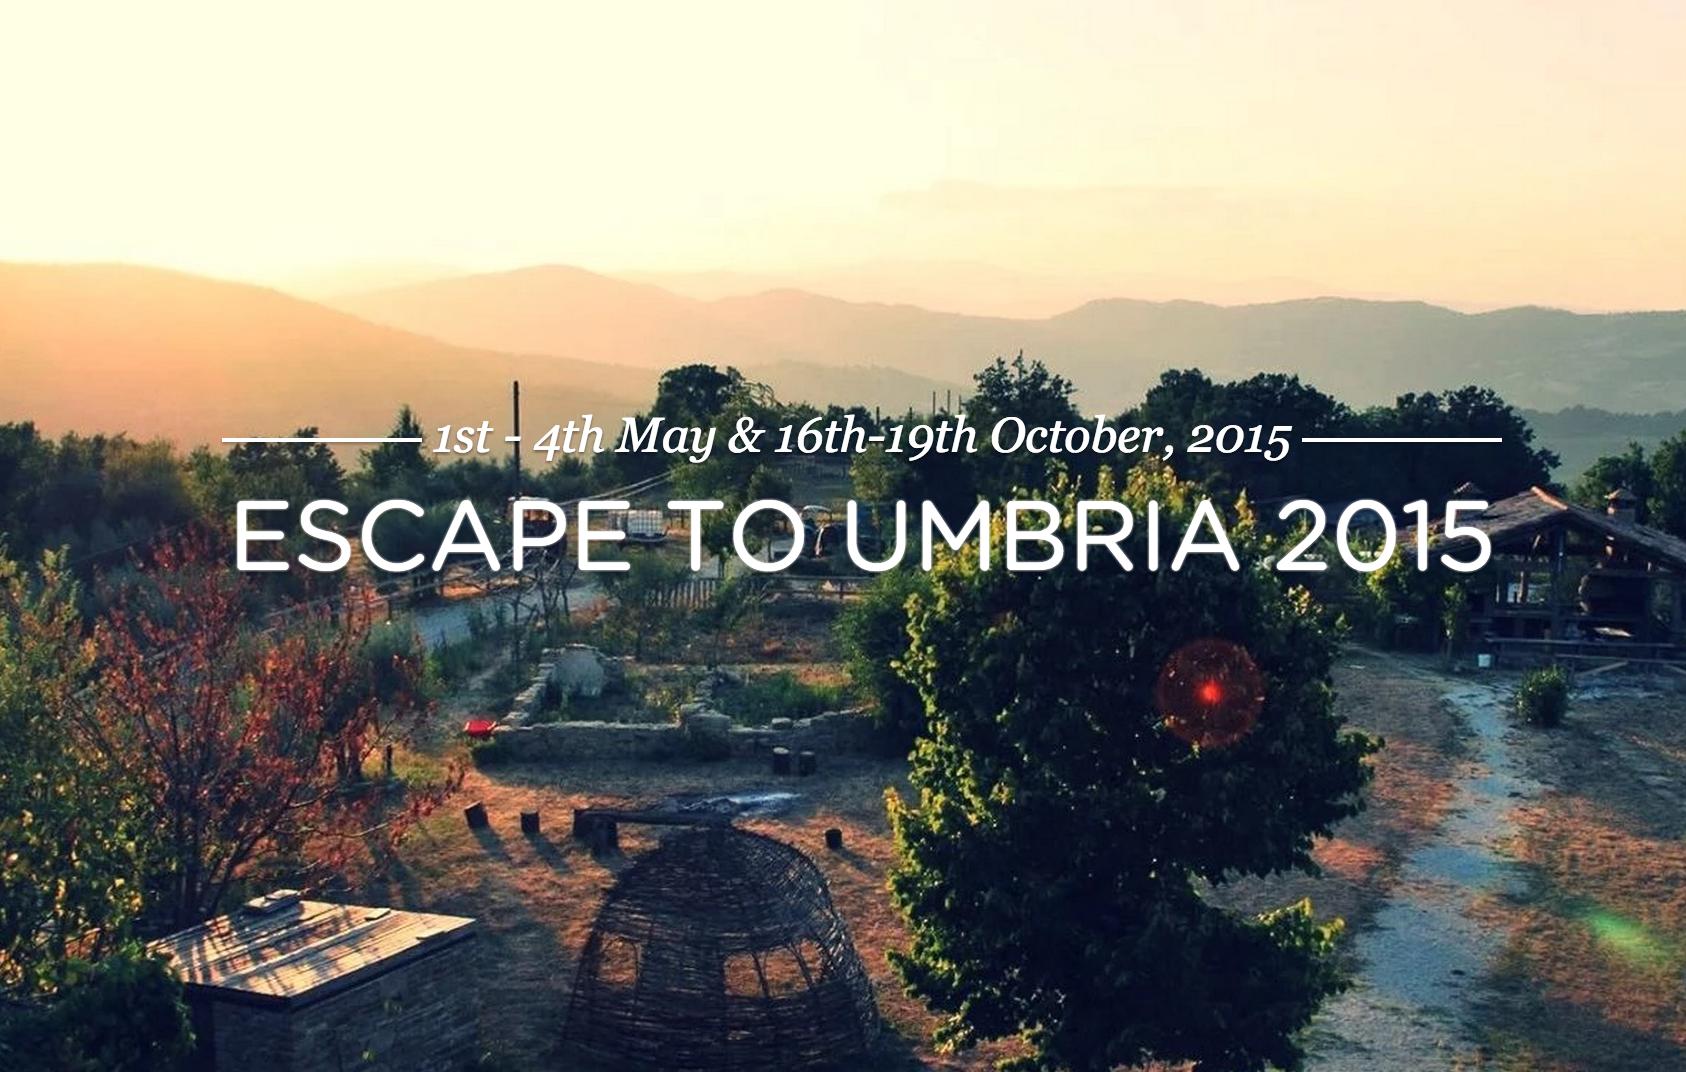 Escape to Umbria